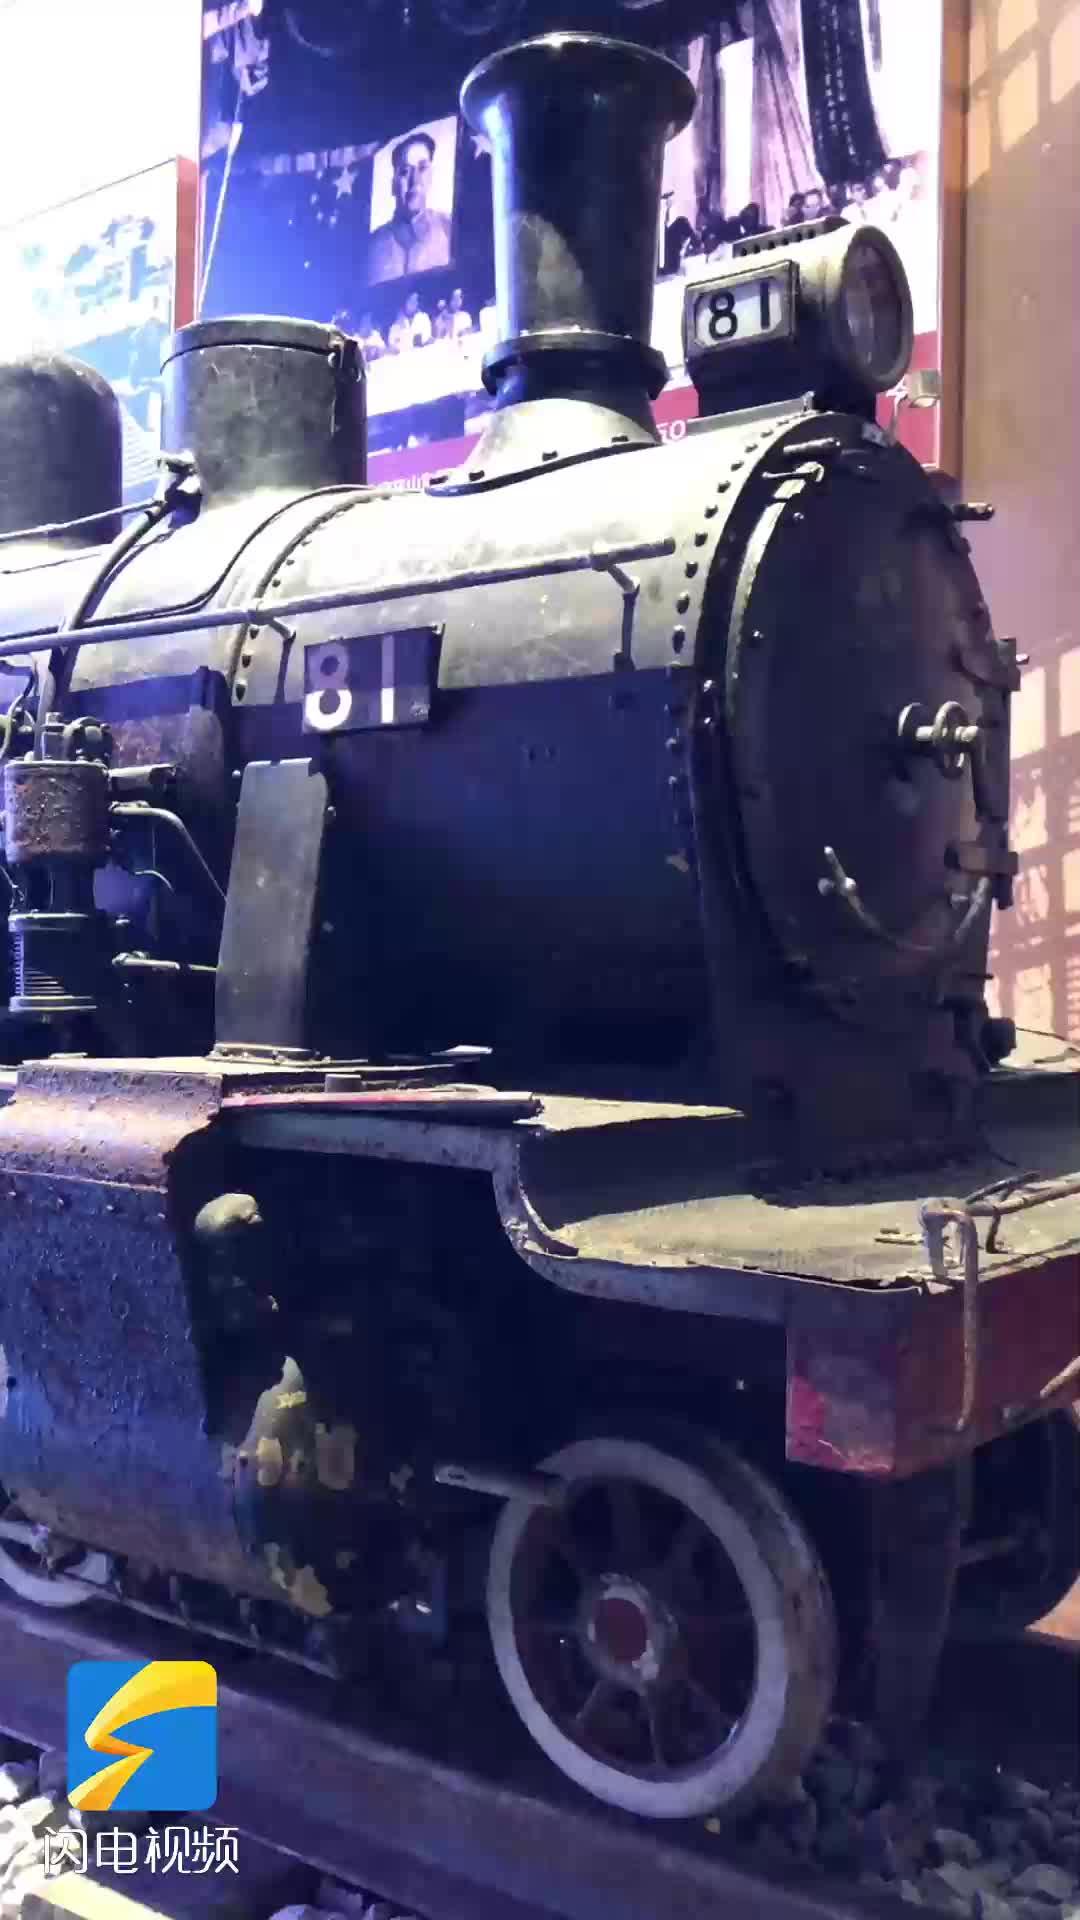 影像背后的故事我来说 | 中国第一台独立制造的解放型蒸汽机车原来长这样